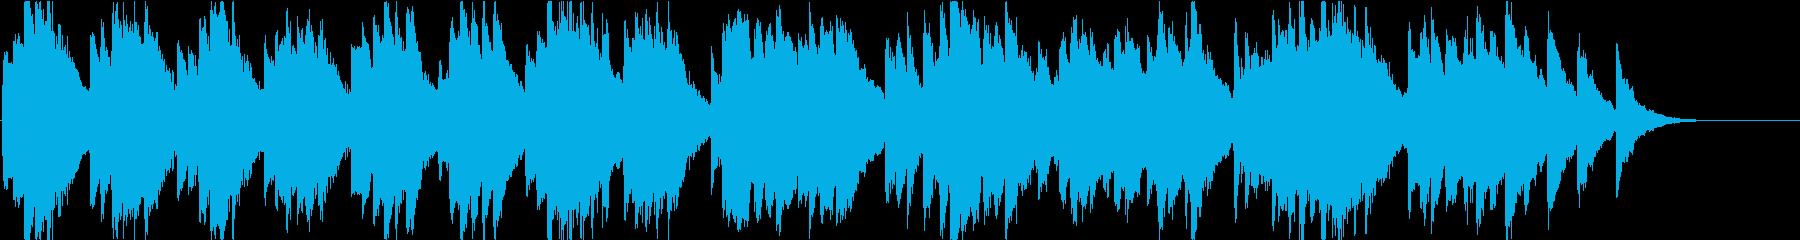 時報・チャイム風の名曲のメロディ・12の再生済みの波形